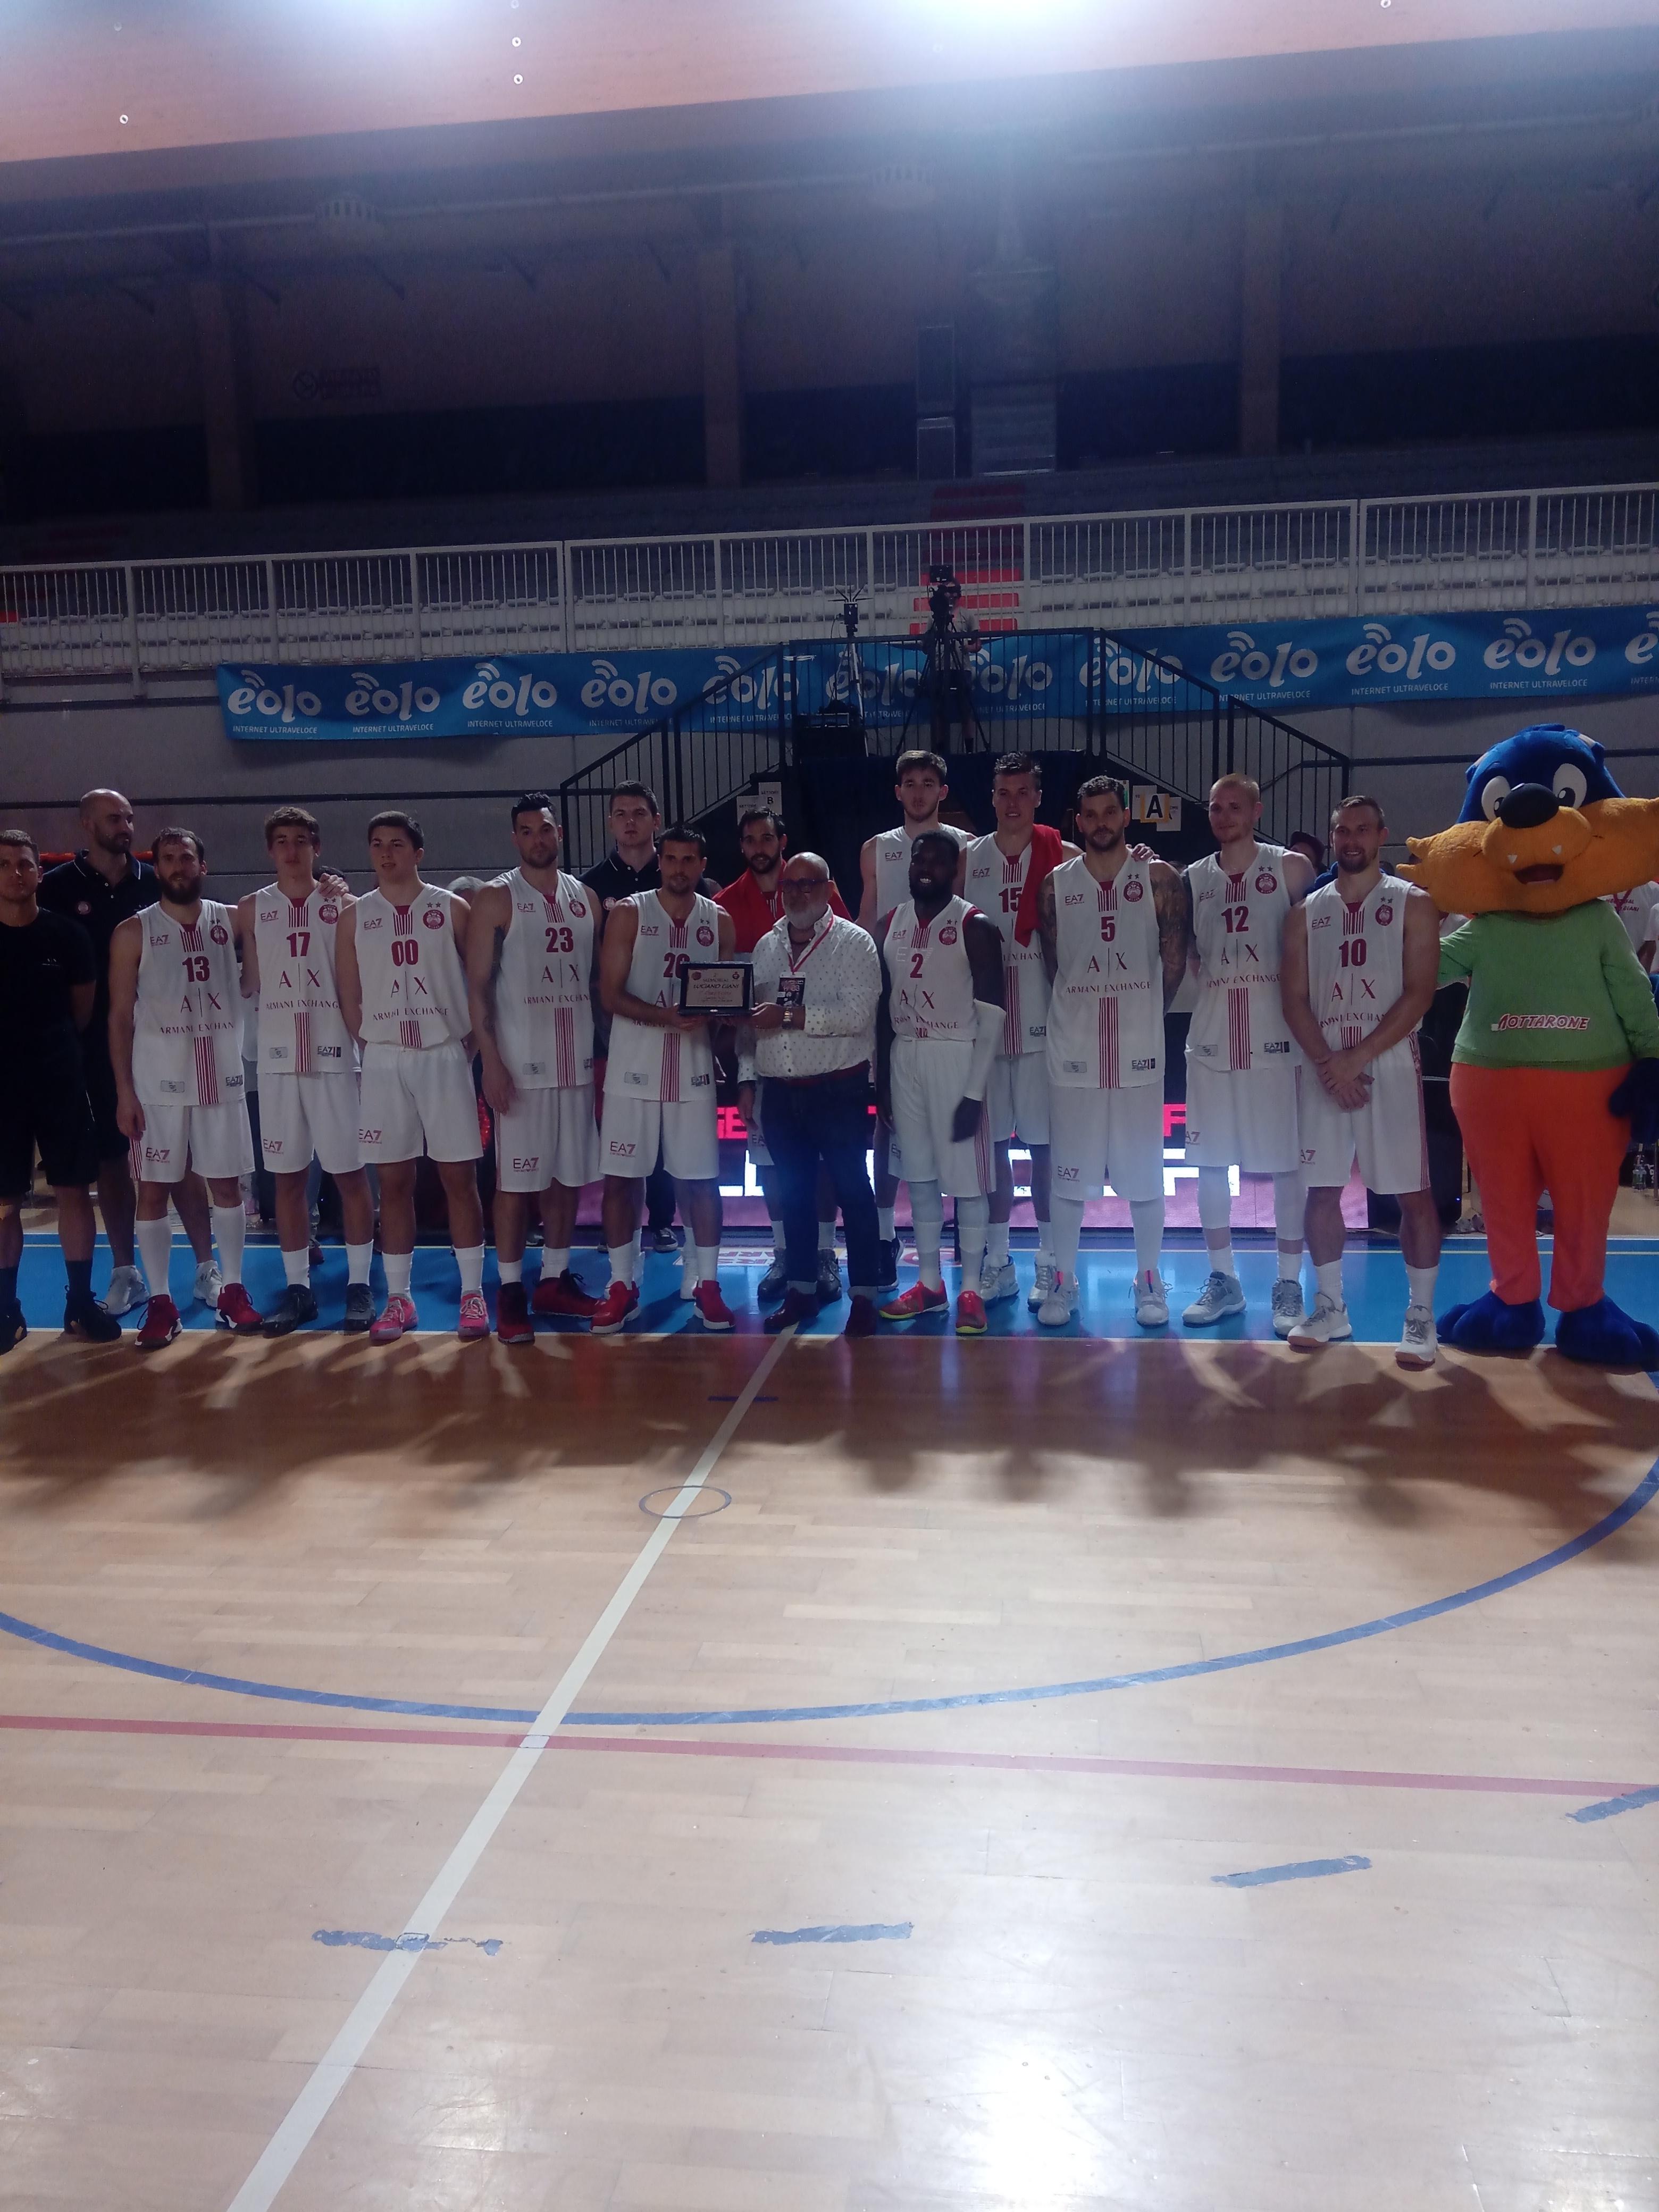 Legabasket LBA Precampionato 2019-20: l'Olimpia inizia bene la stagione domando una tignosa Cantù, El Chacho Mvp del torneo.